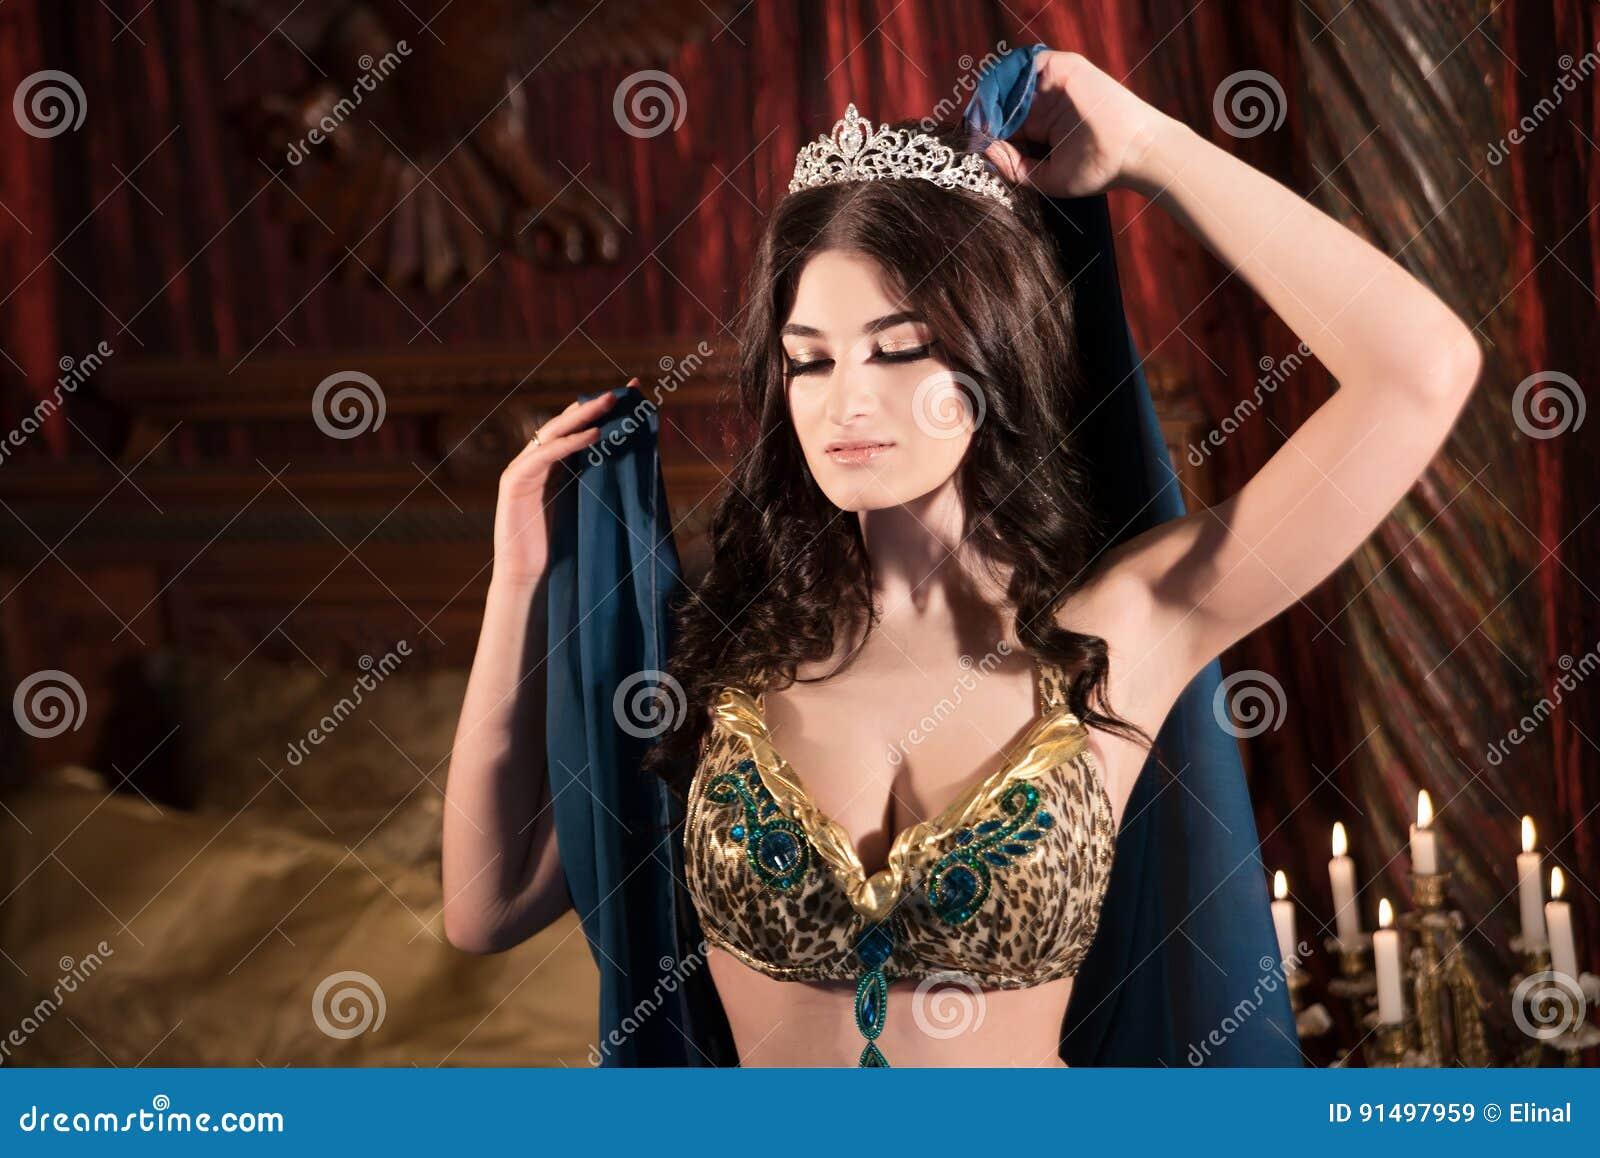 Luxury Princess Nude Photos 29